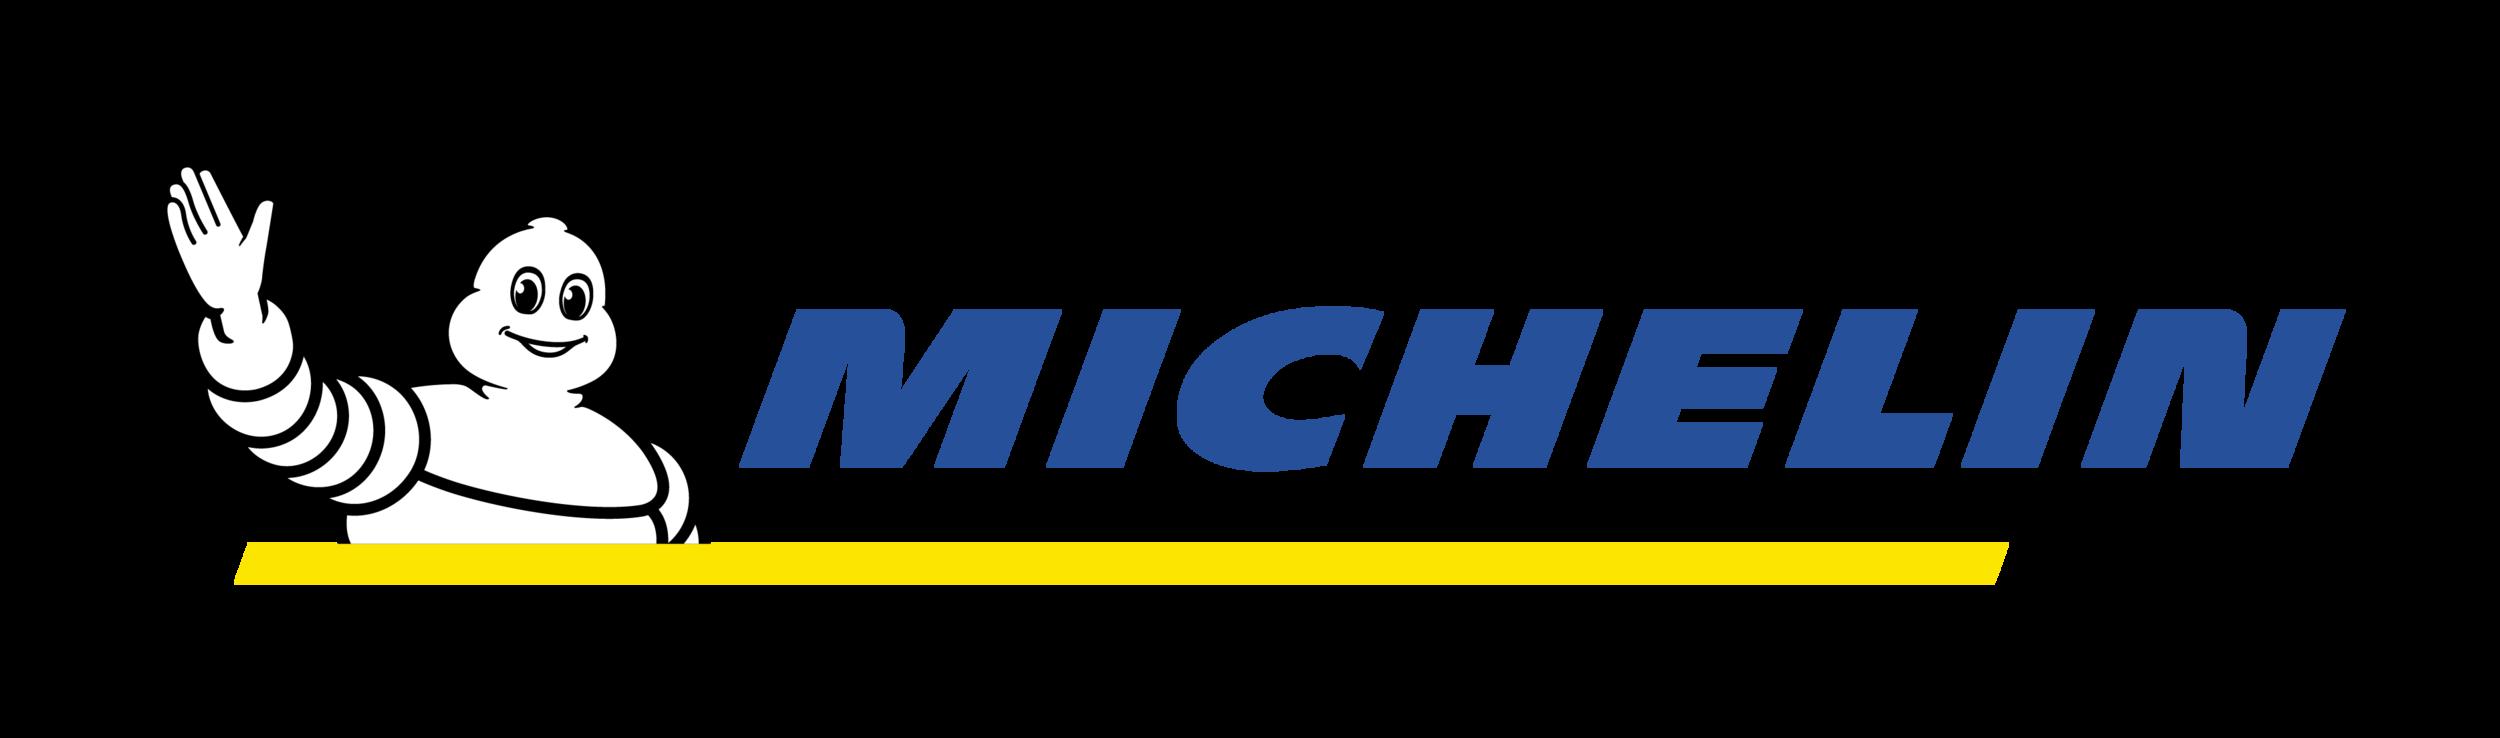 Michelin_C_H_WhiteBG_RGB_0703-01[1].png